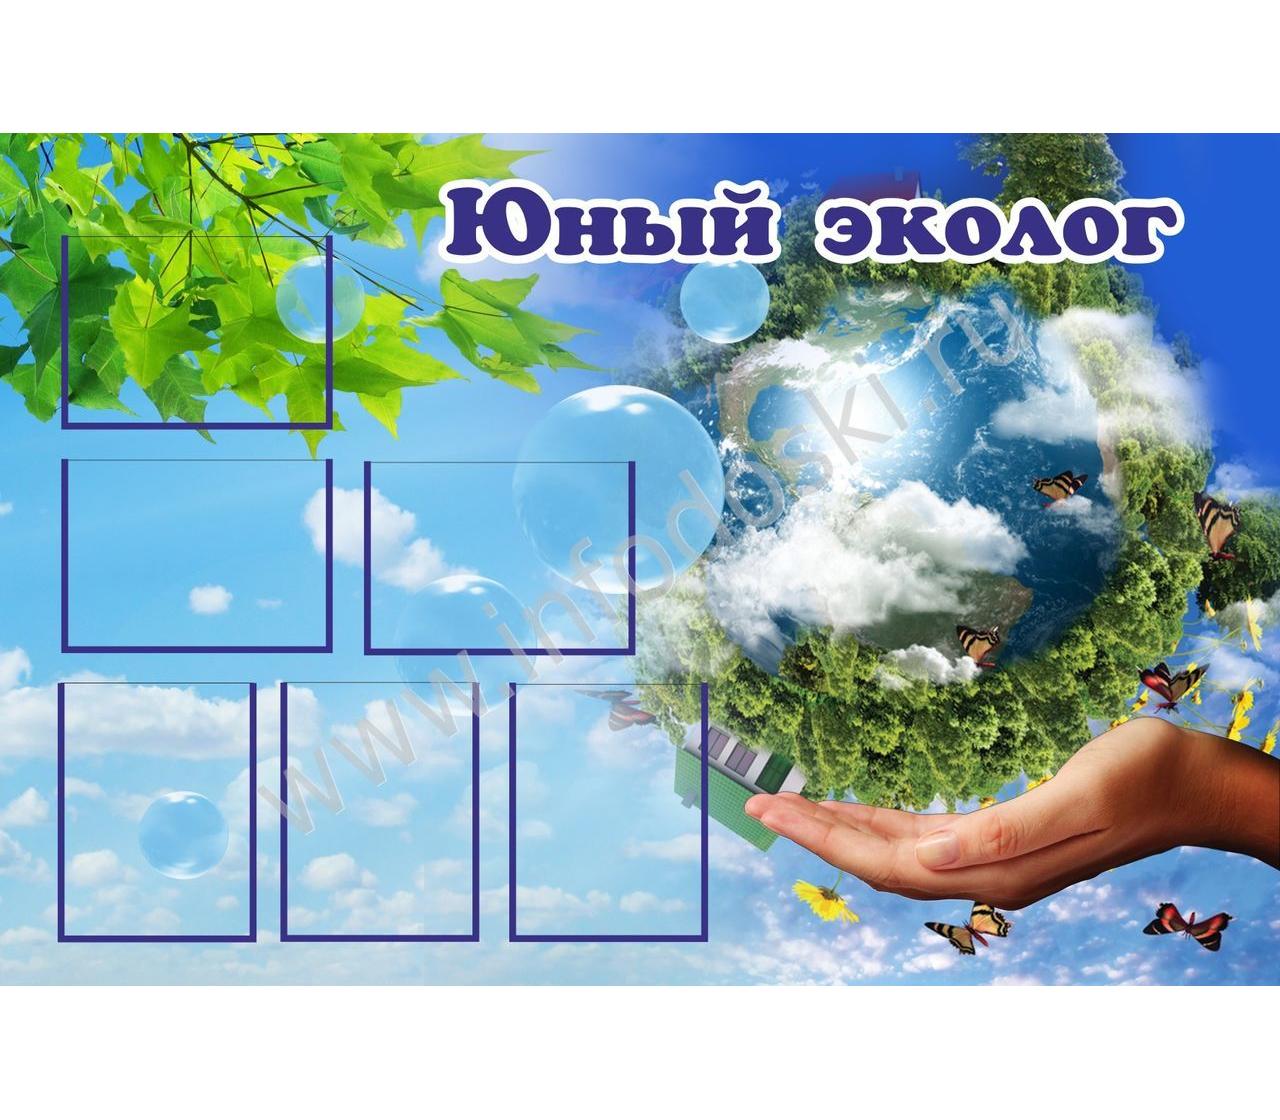 приводим картинки для стенда по экологии в школе постулат имеет